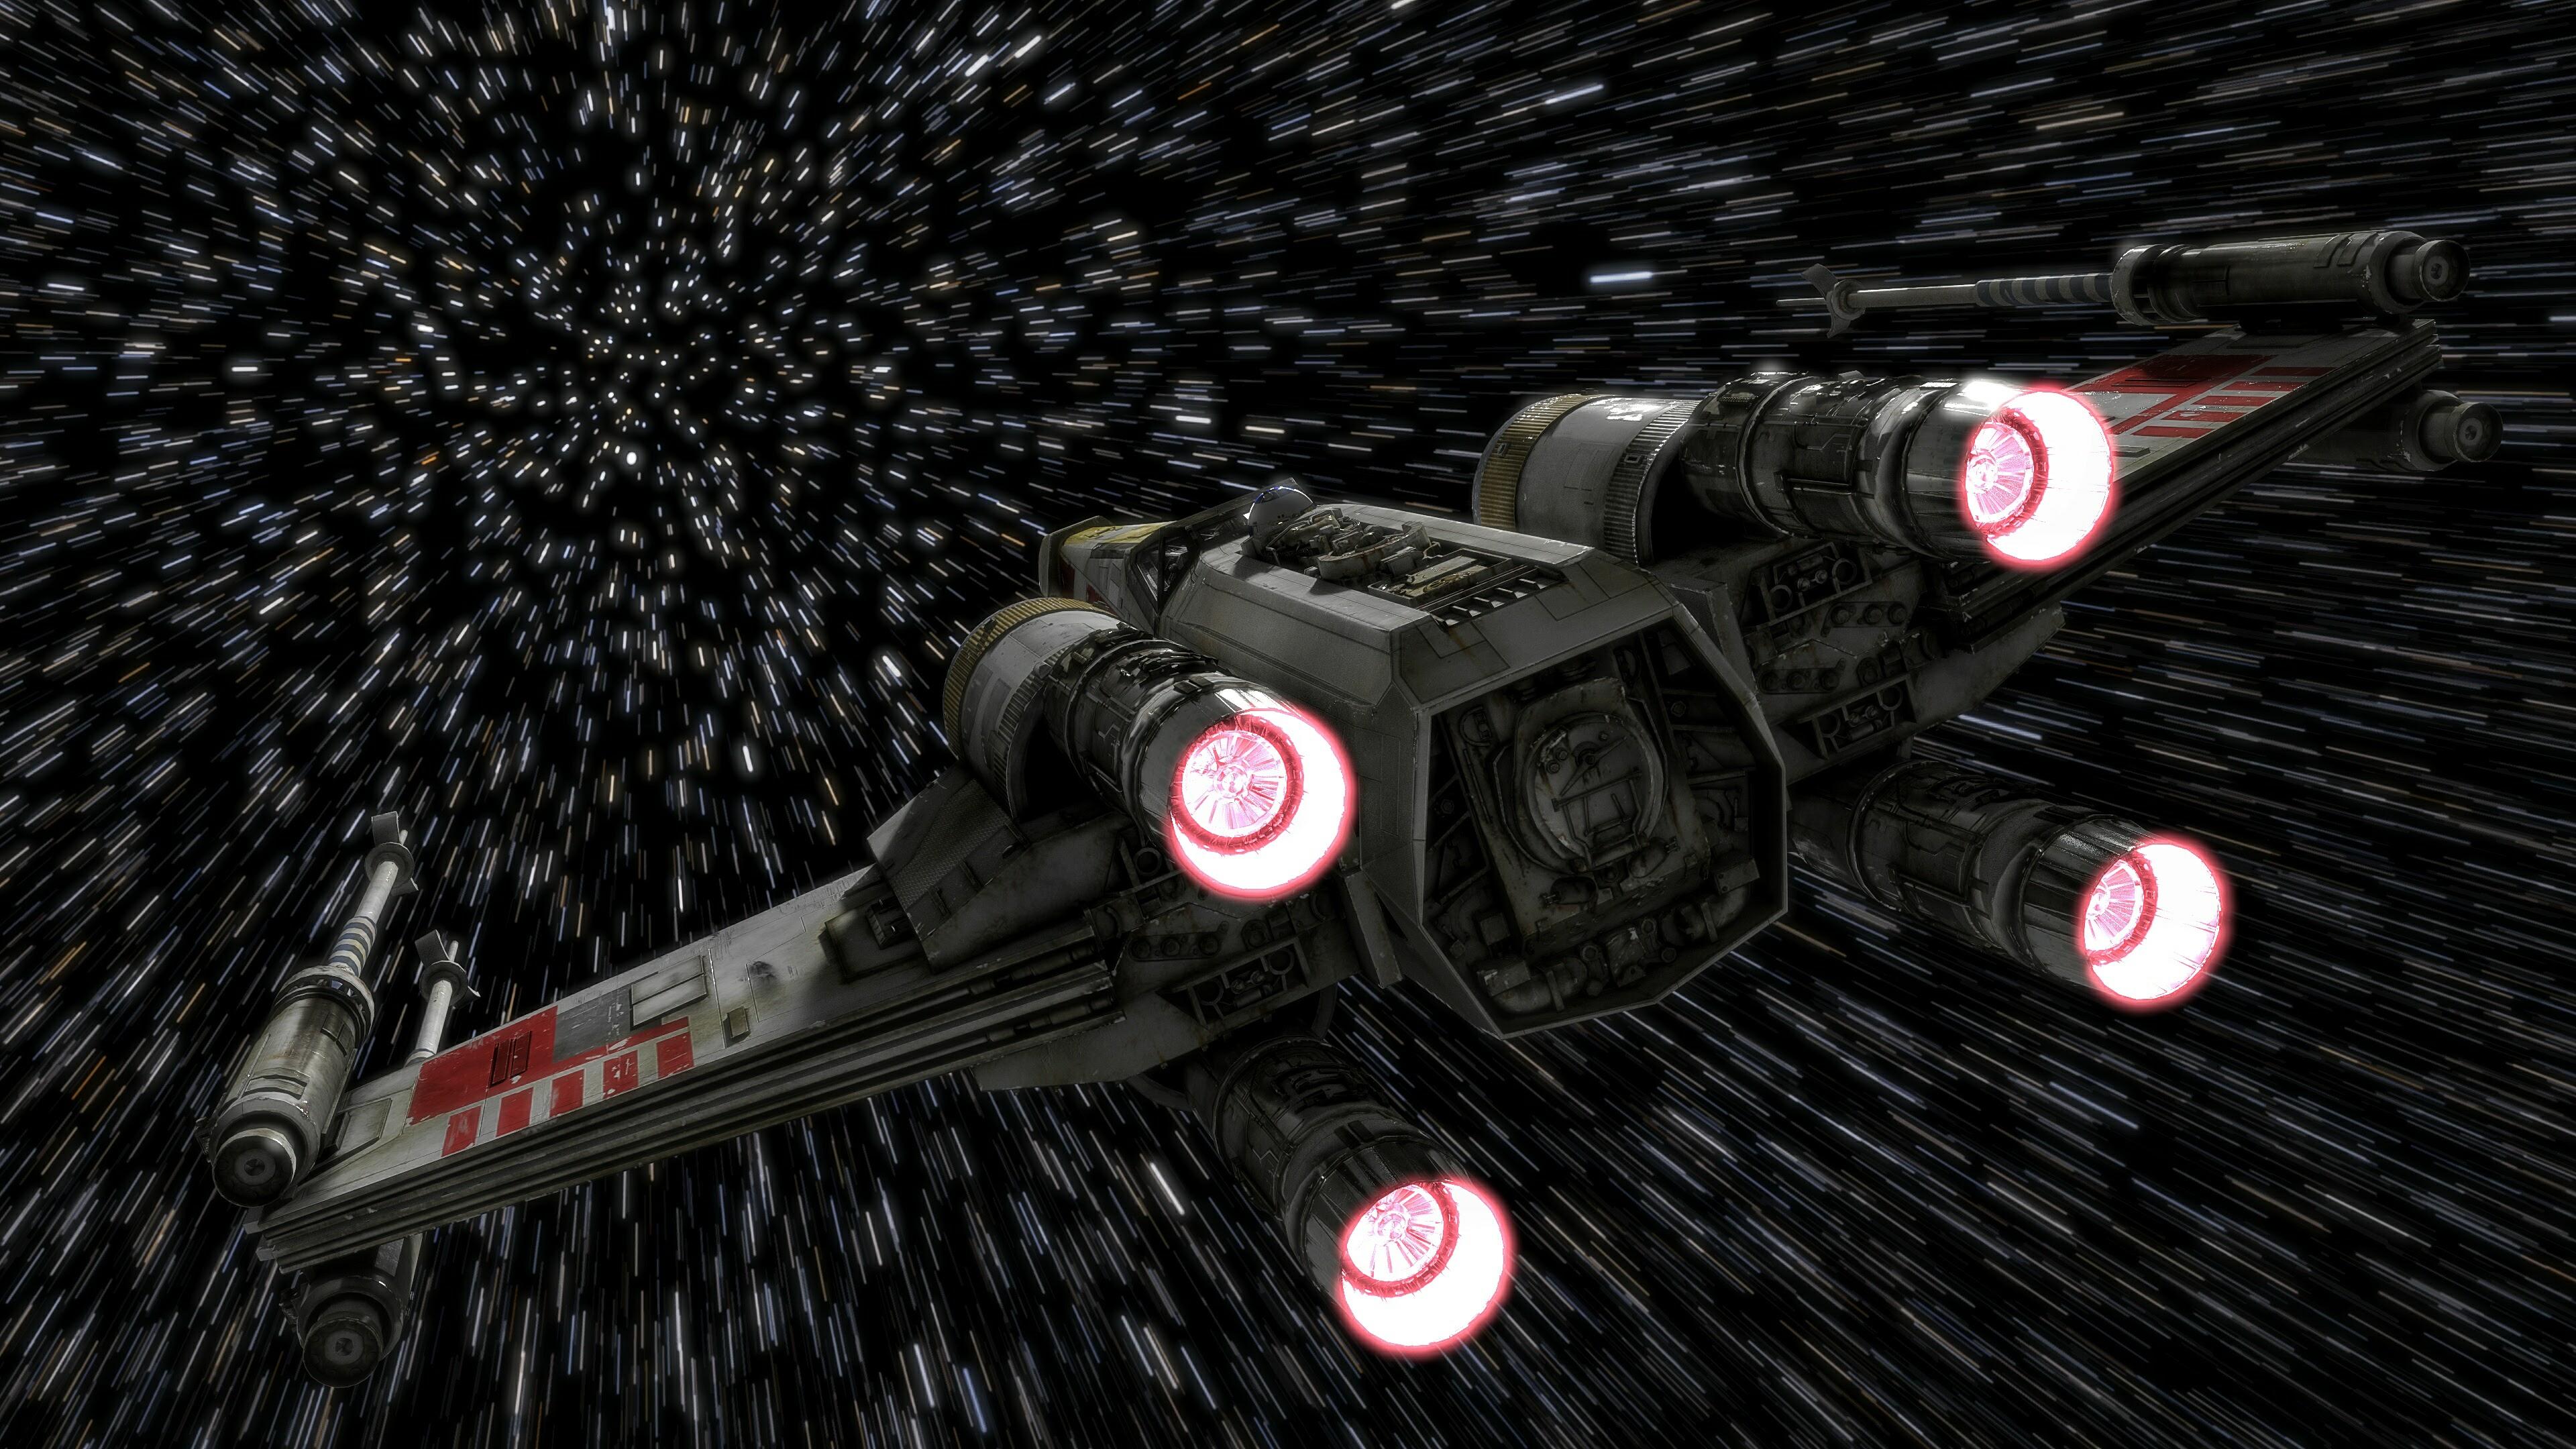 163 1636824 high resolution star wars